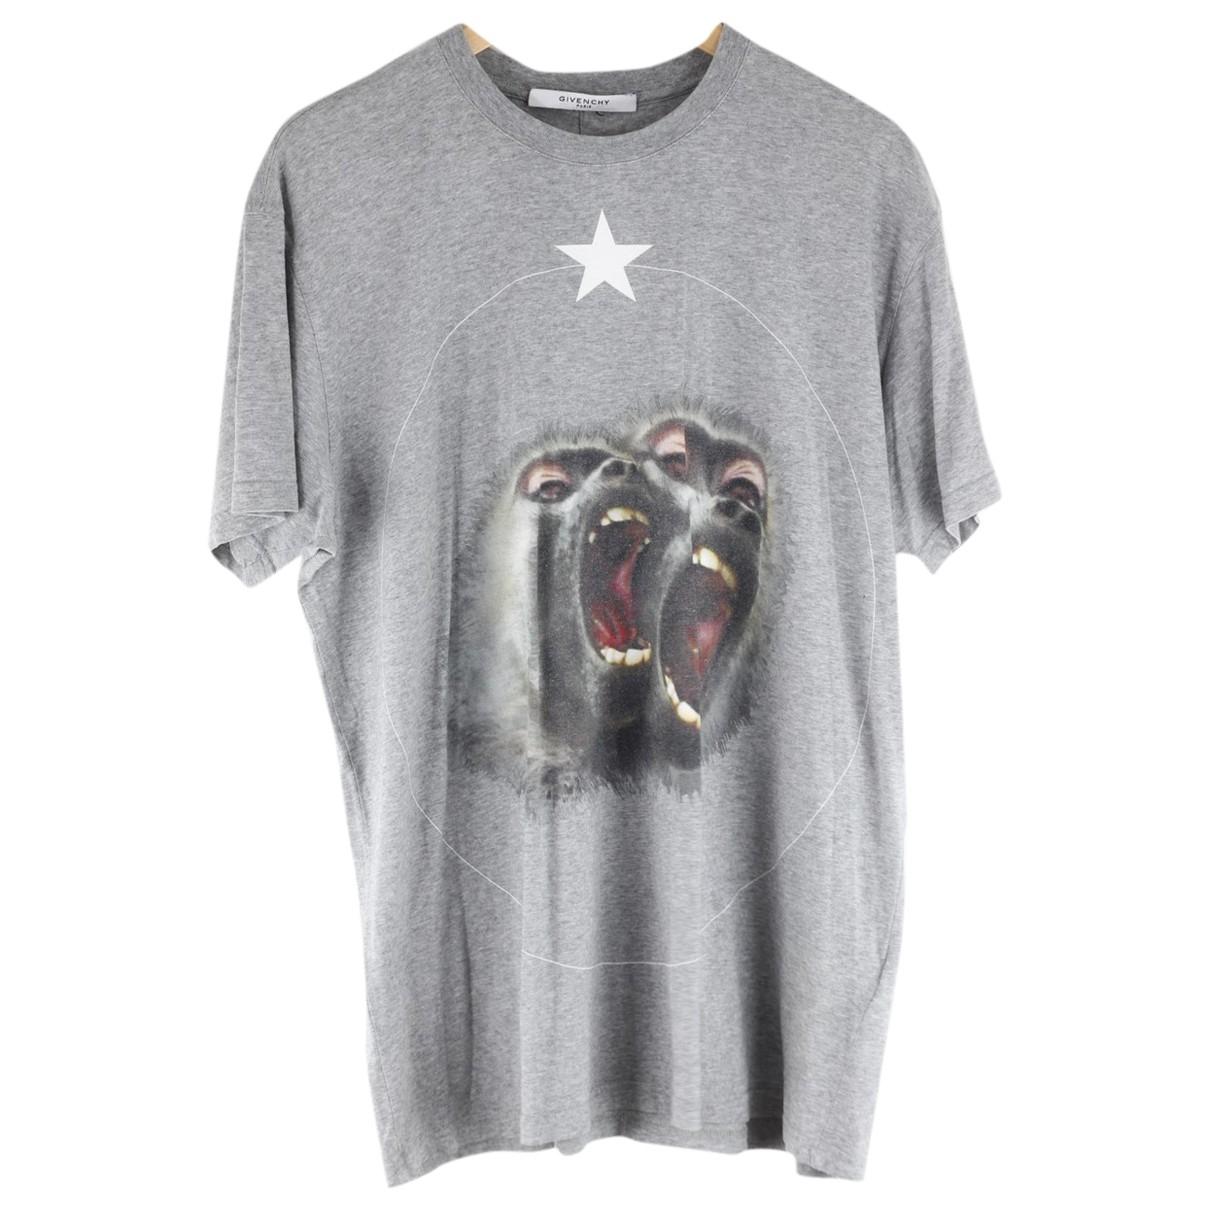 Givenchy - Tee shirts   pour homme en coton - gris